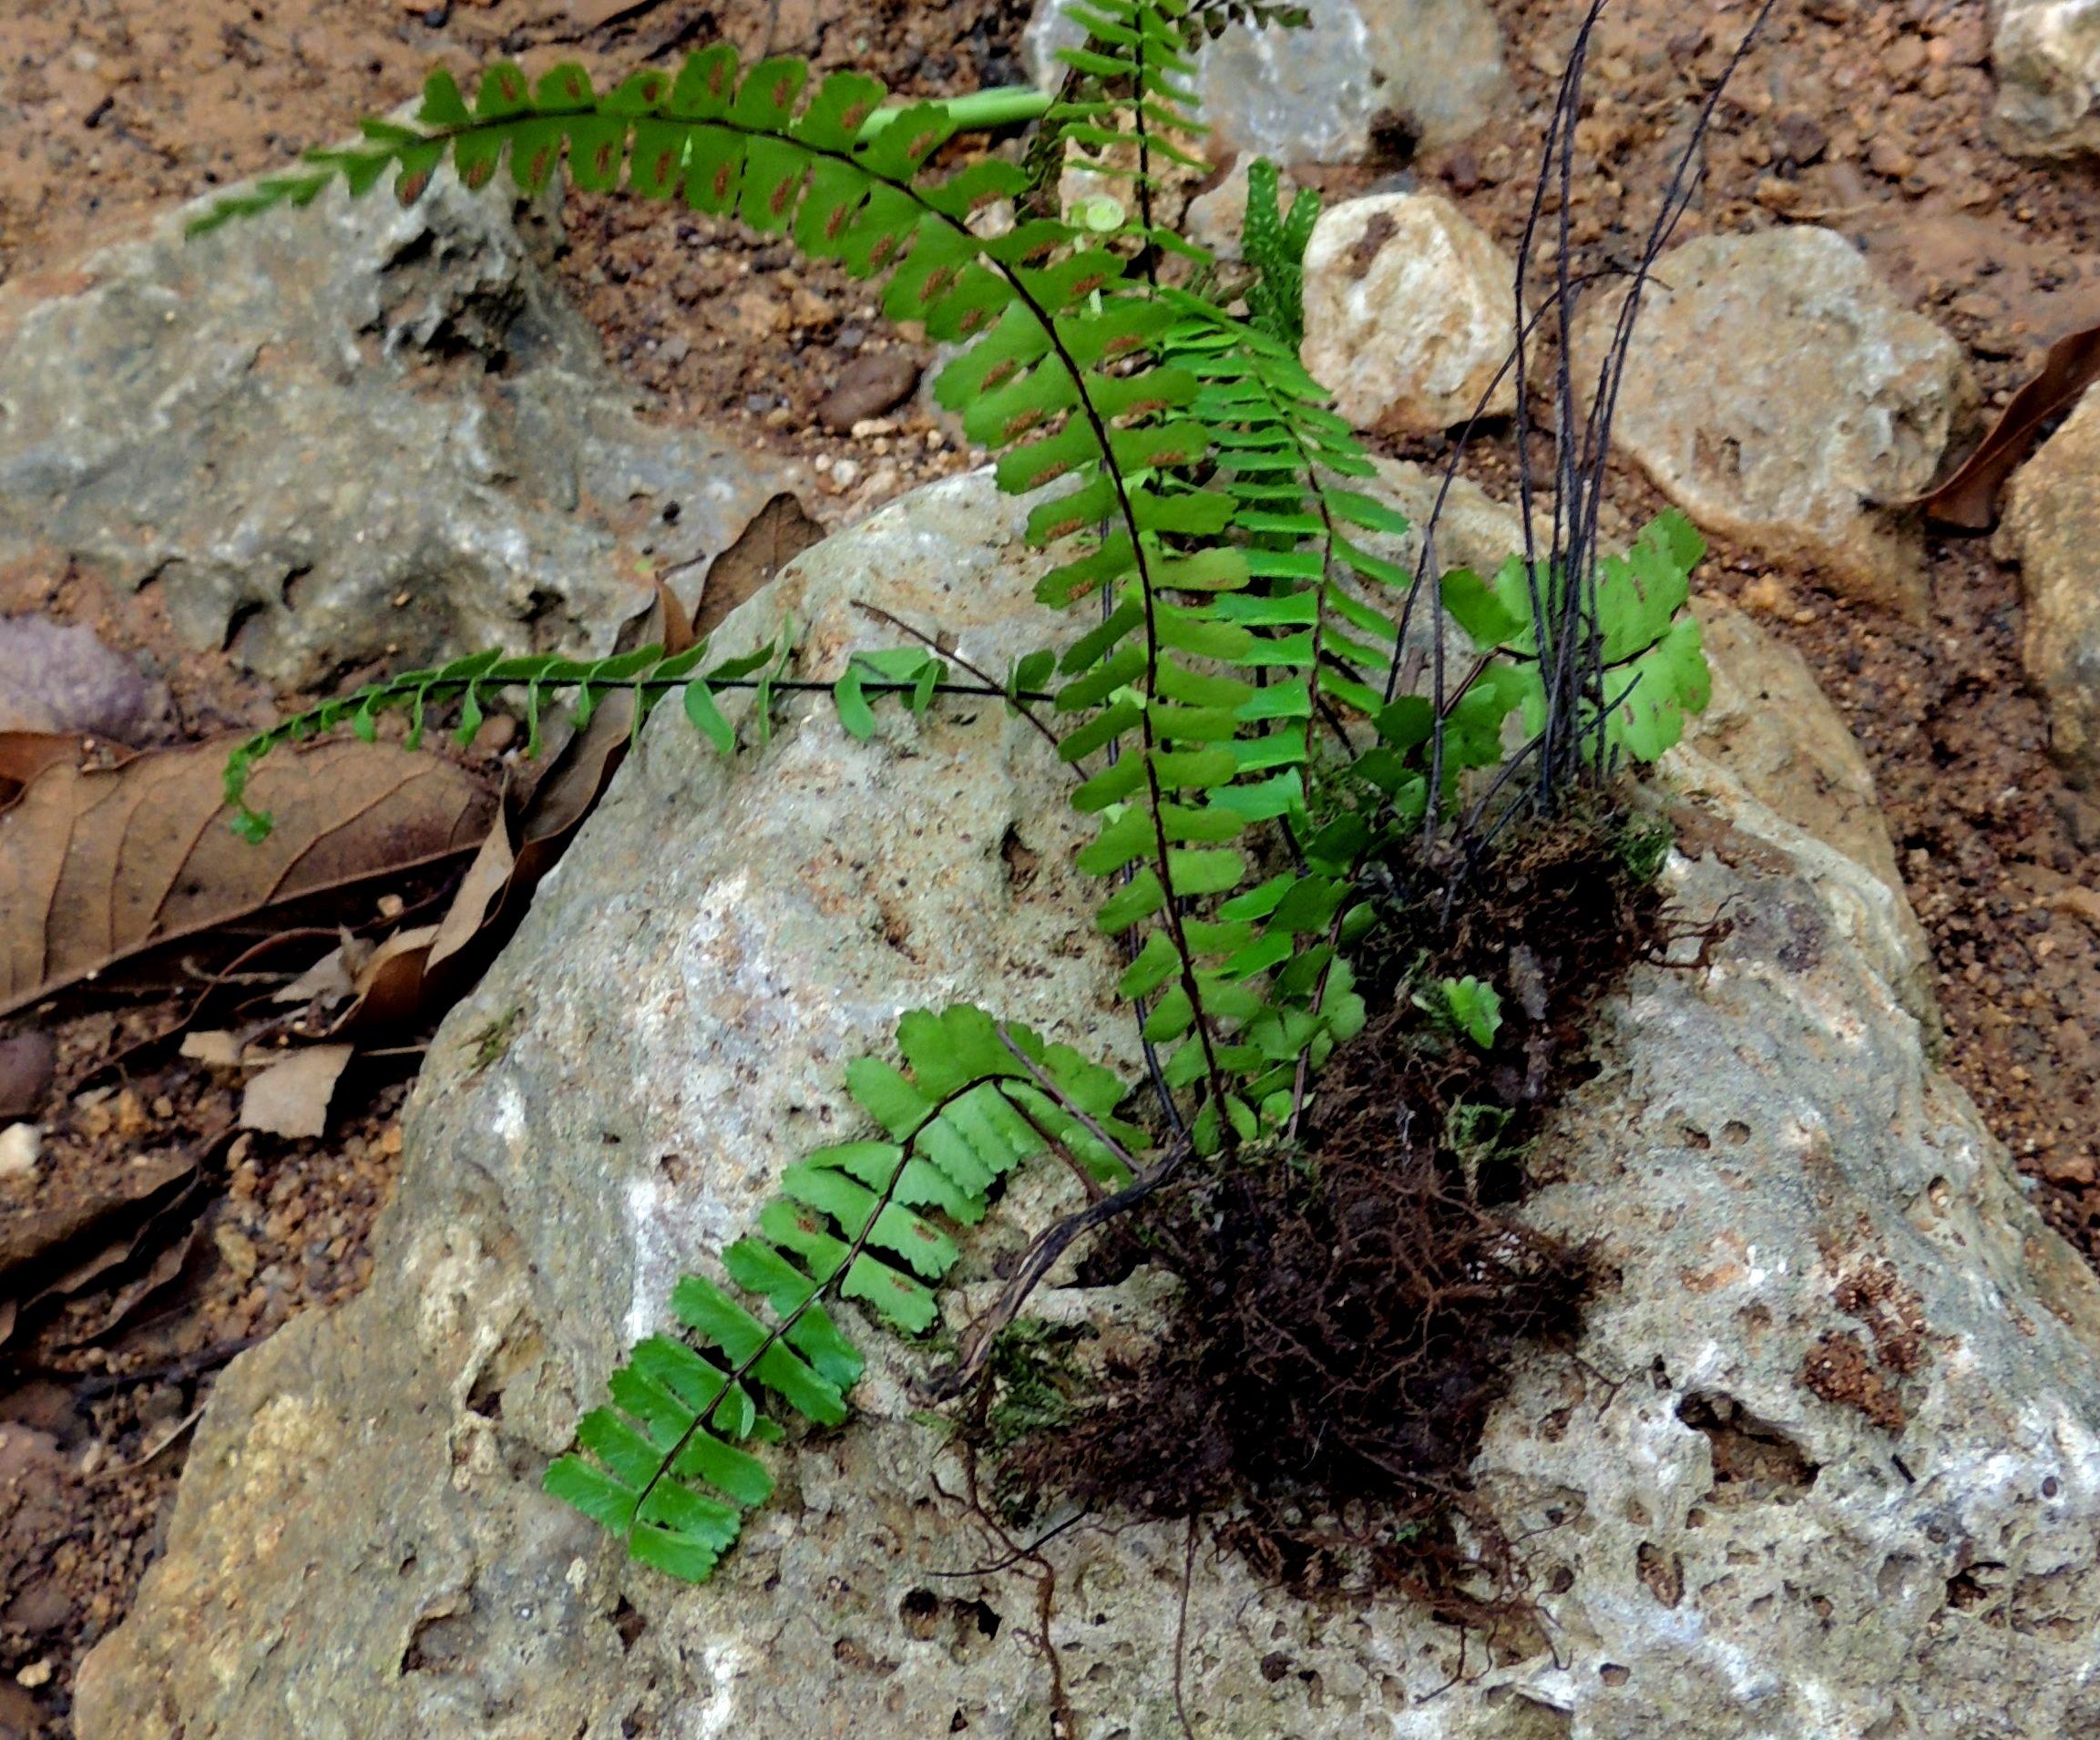 Asplenium monanthes